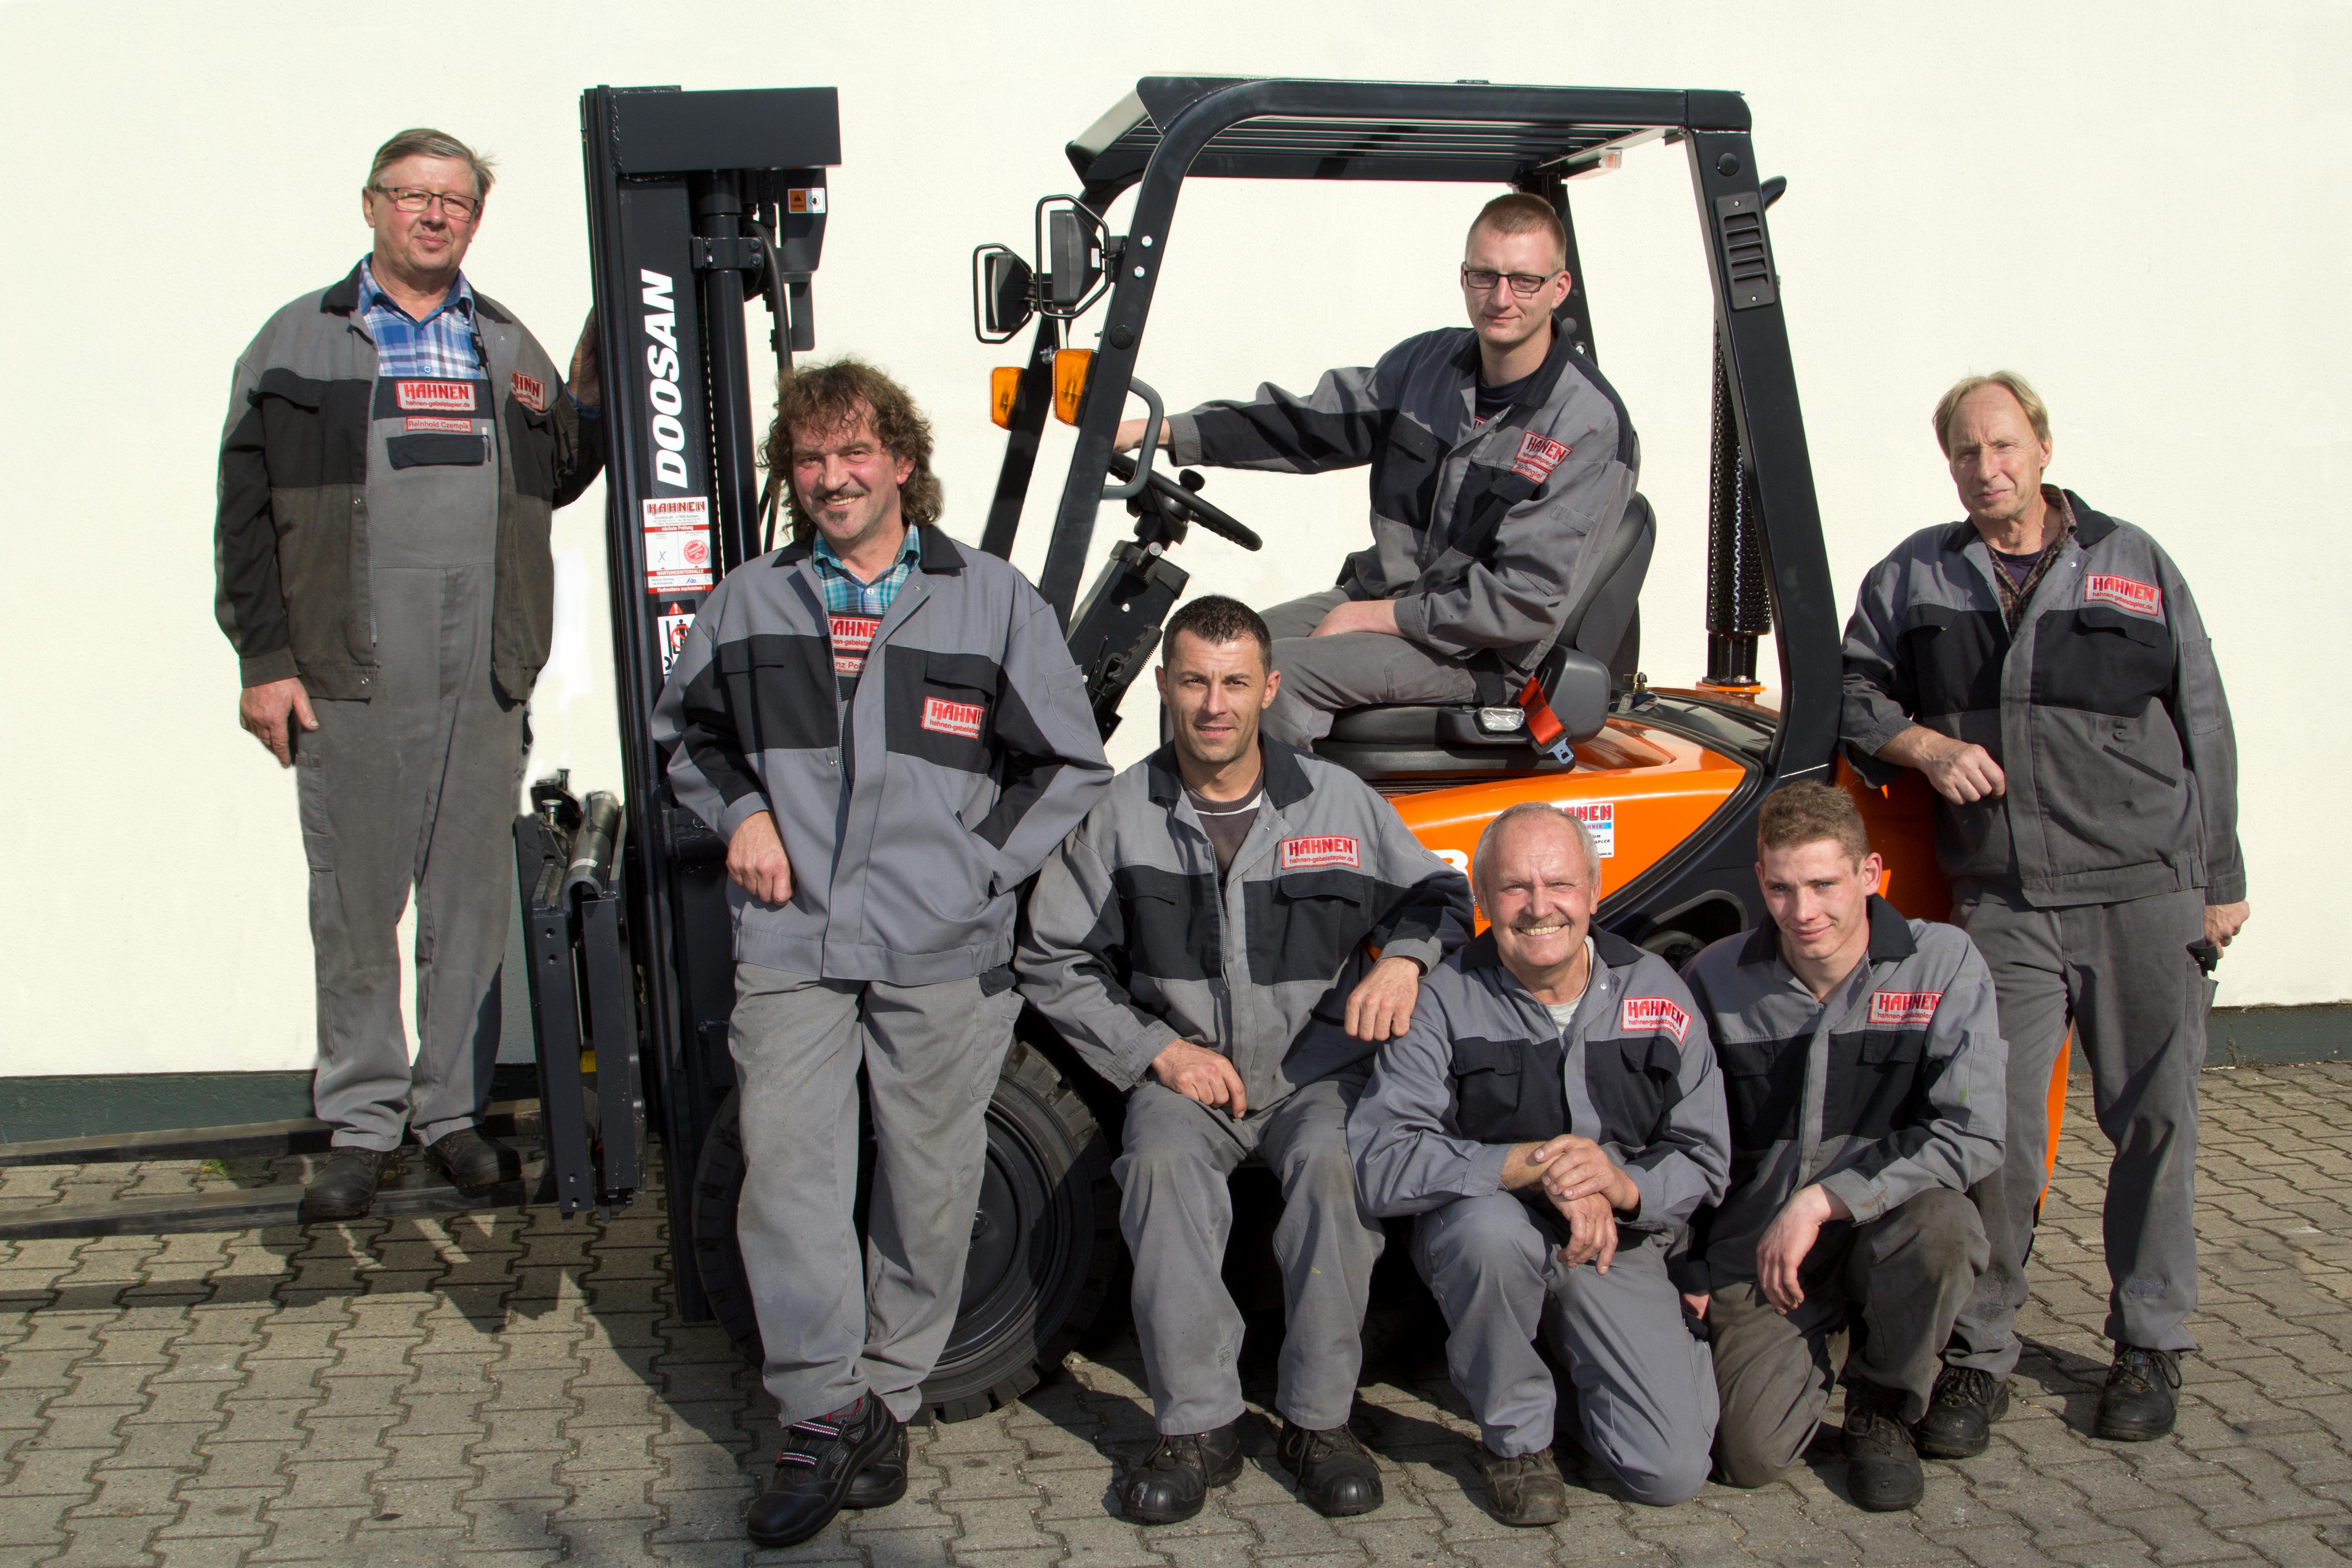 Team Hahnen Gabelstapler